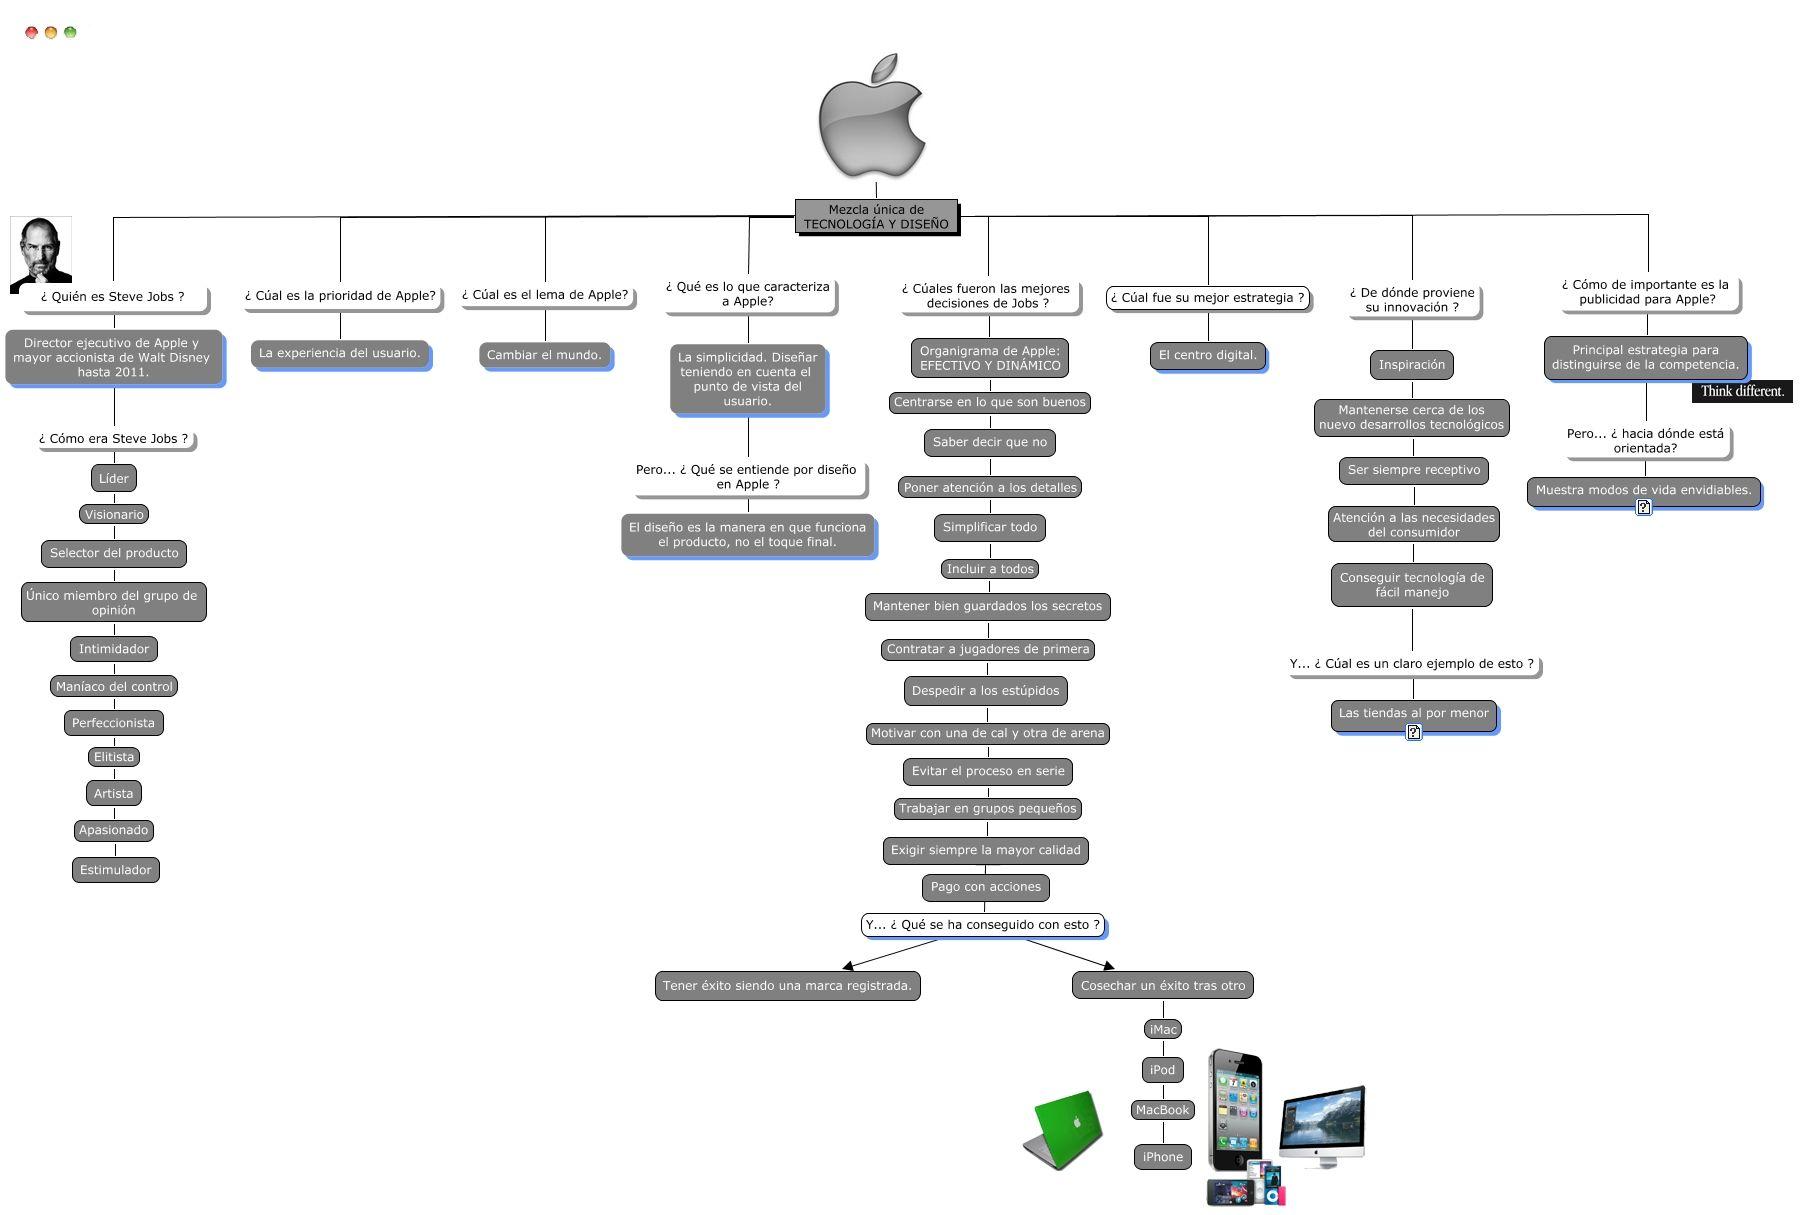 Resultado De Imagen Para Organigrama De Apple